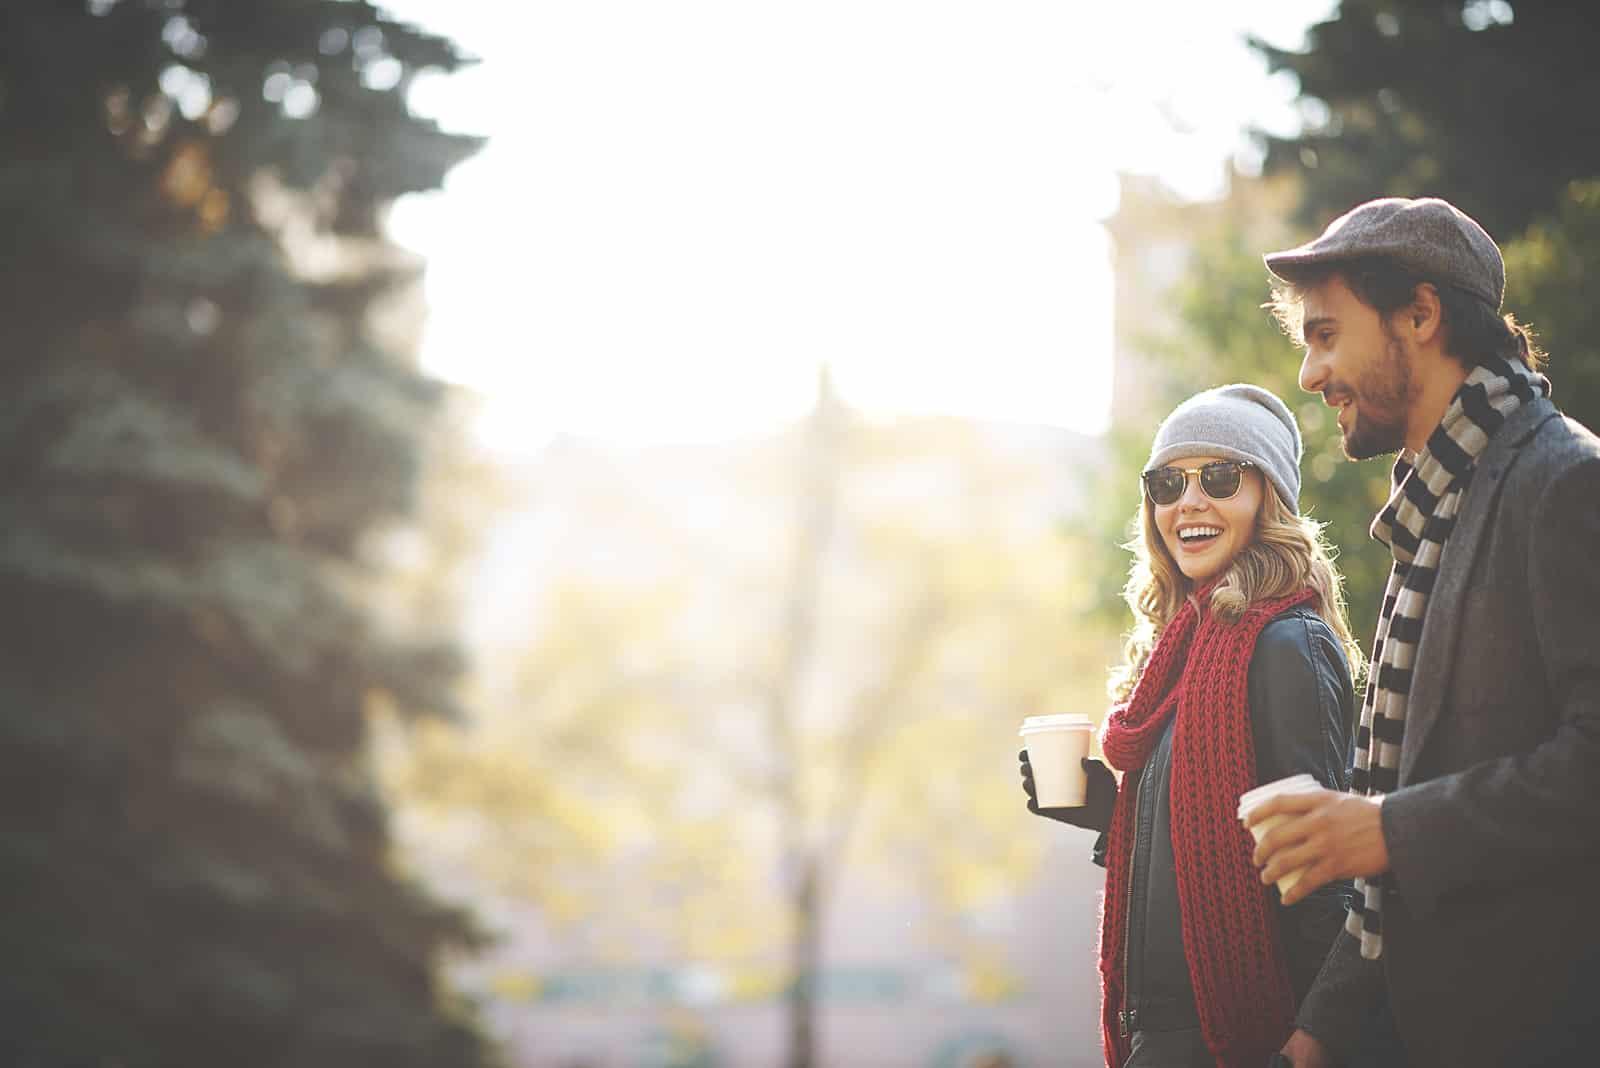 eine lächelnde Frau, die mit einem Mann auf einem Date geht